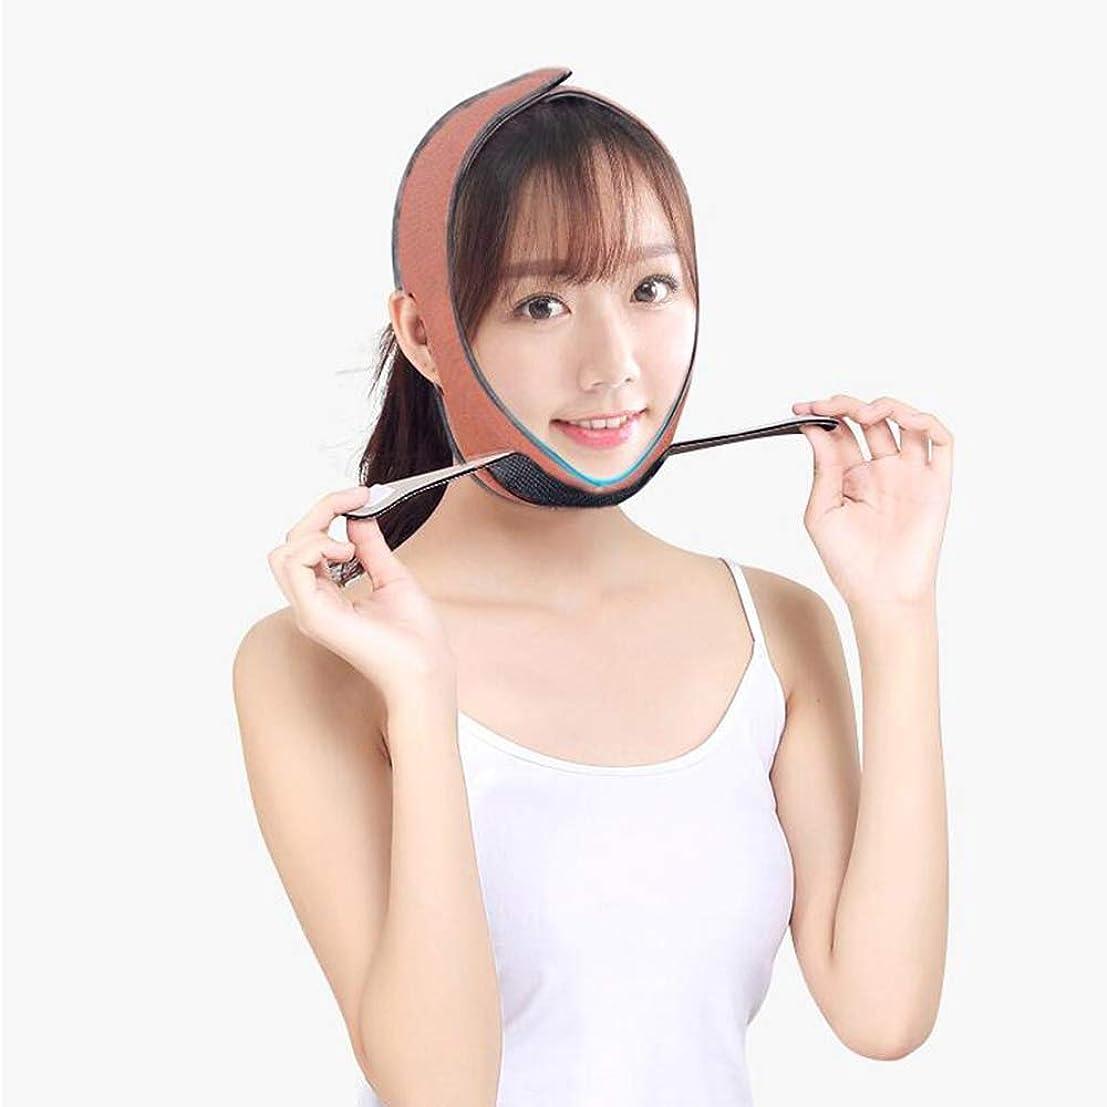 楽しい期待するおしゃれなJia Jia- フェイシャルリフティングスリミングベルト - 薄いフェイス包帯Vフェイス包帯マスクフェイシャルマッサージャー無料整形マスク顔と首の顔を引き締めますスリム 顔面包帯